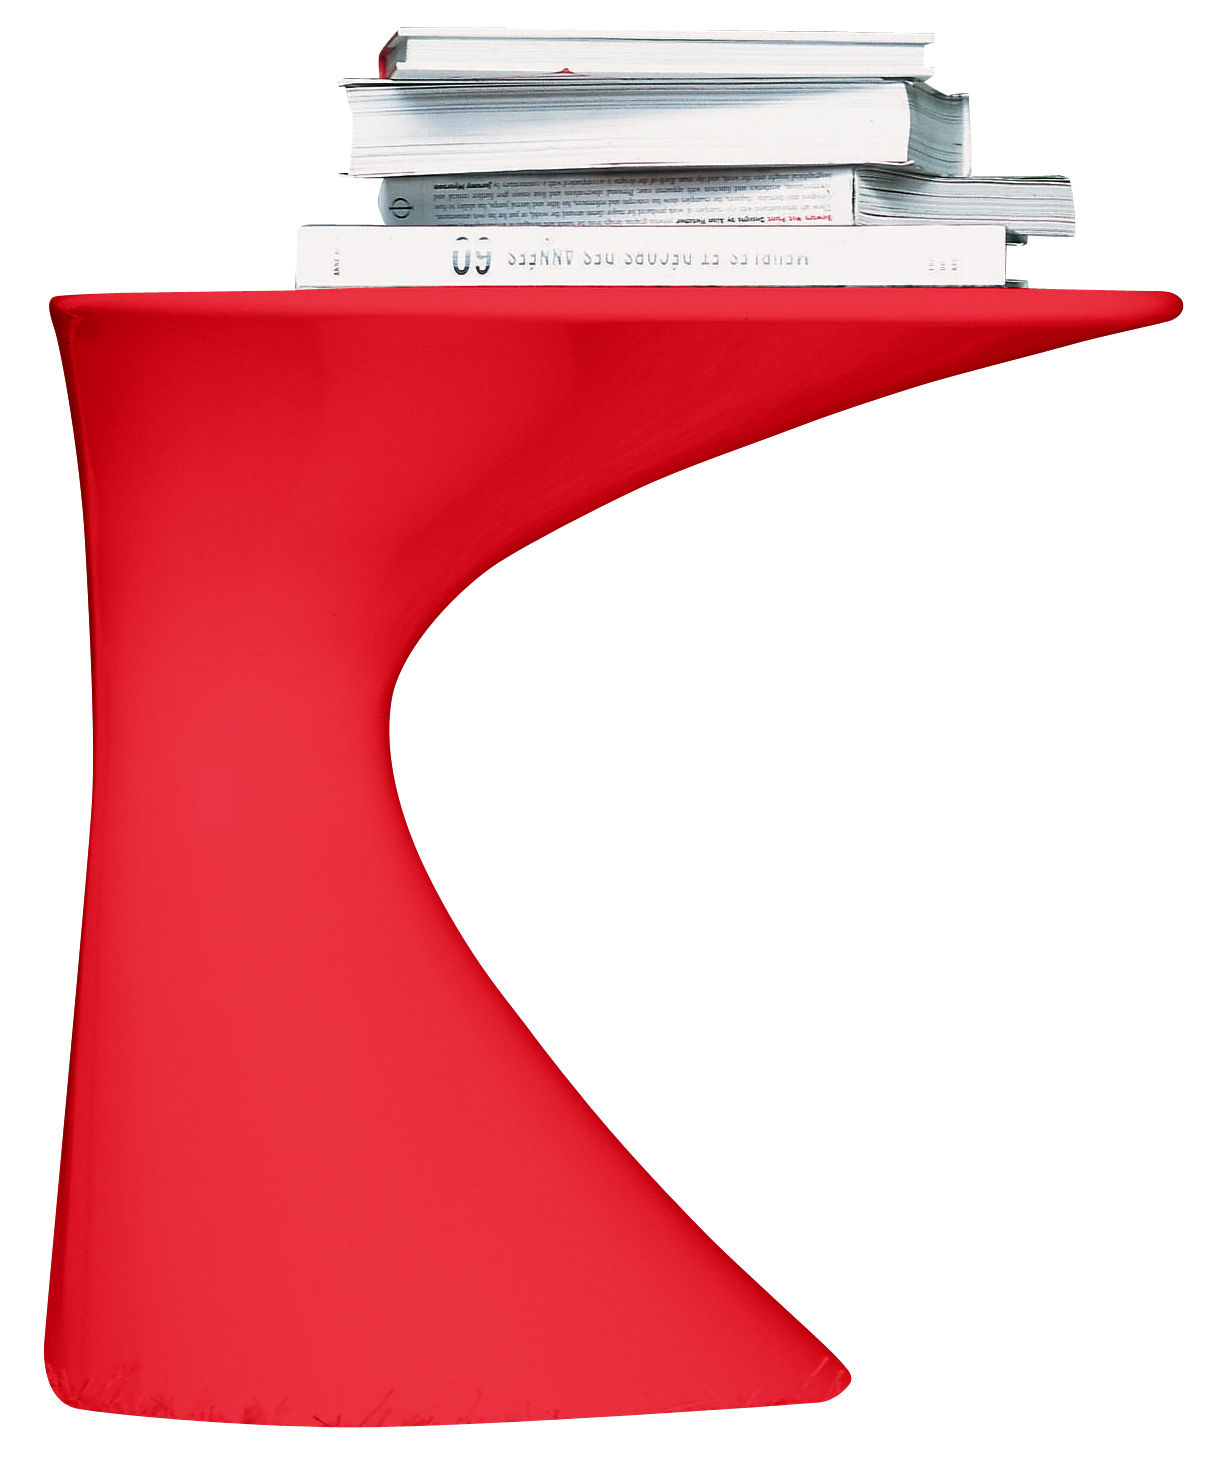 Möbel - Couchtische - Tod Beistelltisch - Zanotta - Rot lackiert - lackiertes Polypropylen